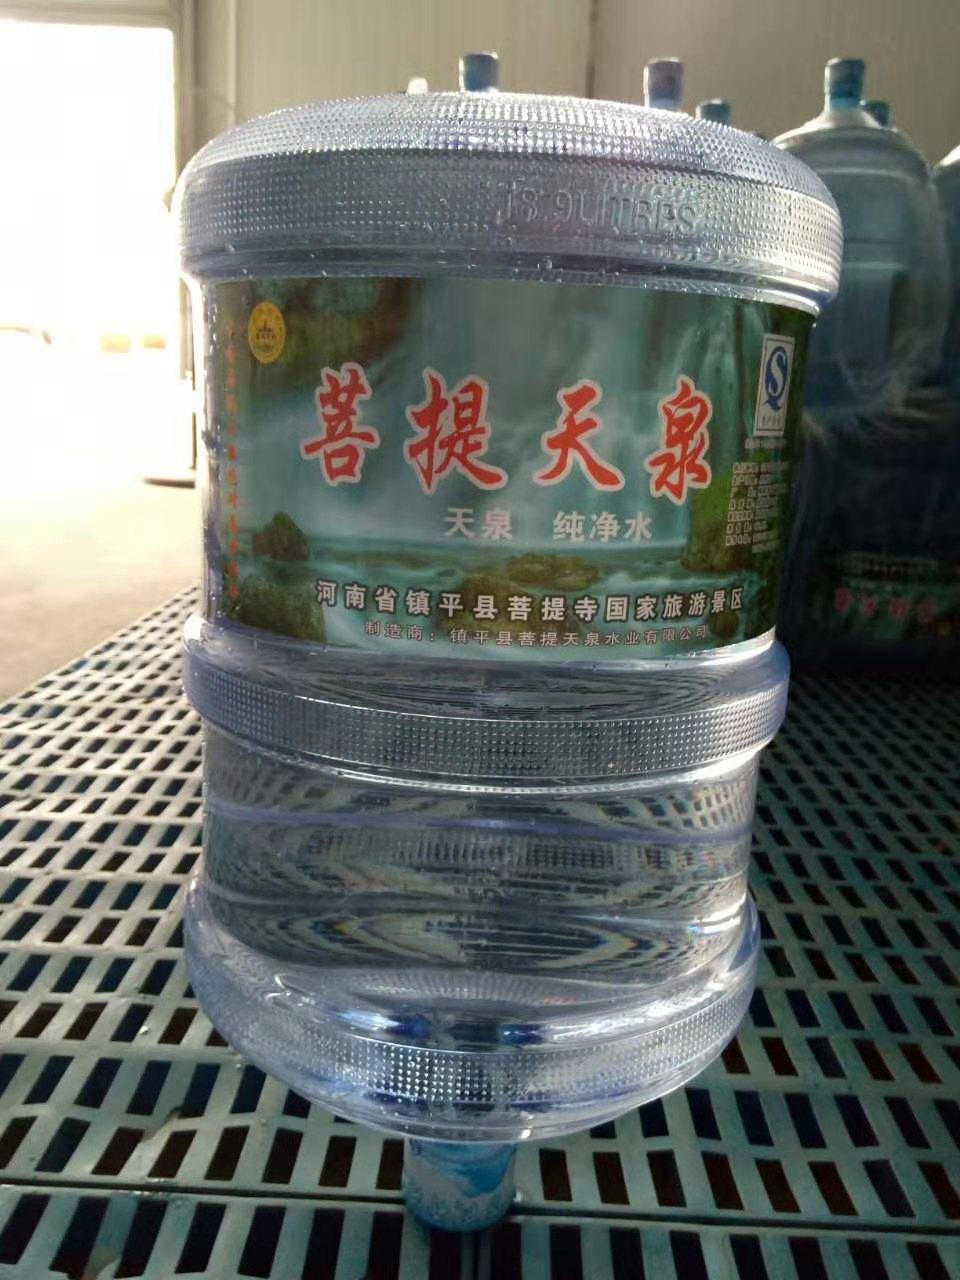 你家的飲用水達標嗎?南陽桶裝飲用水